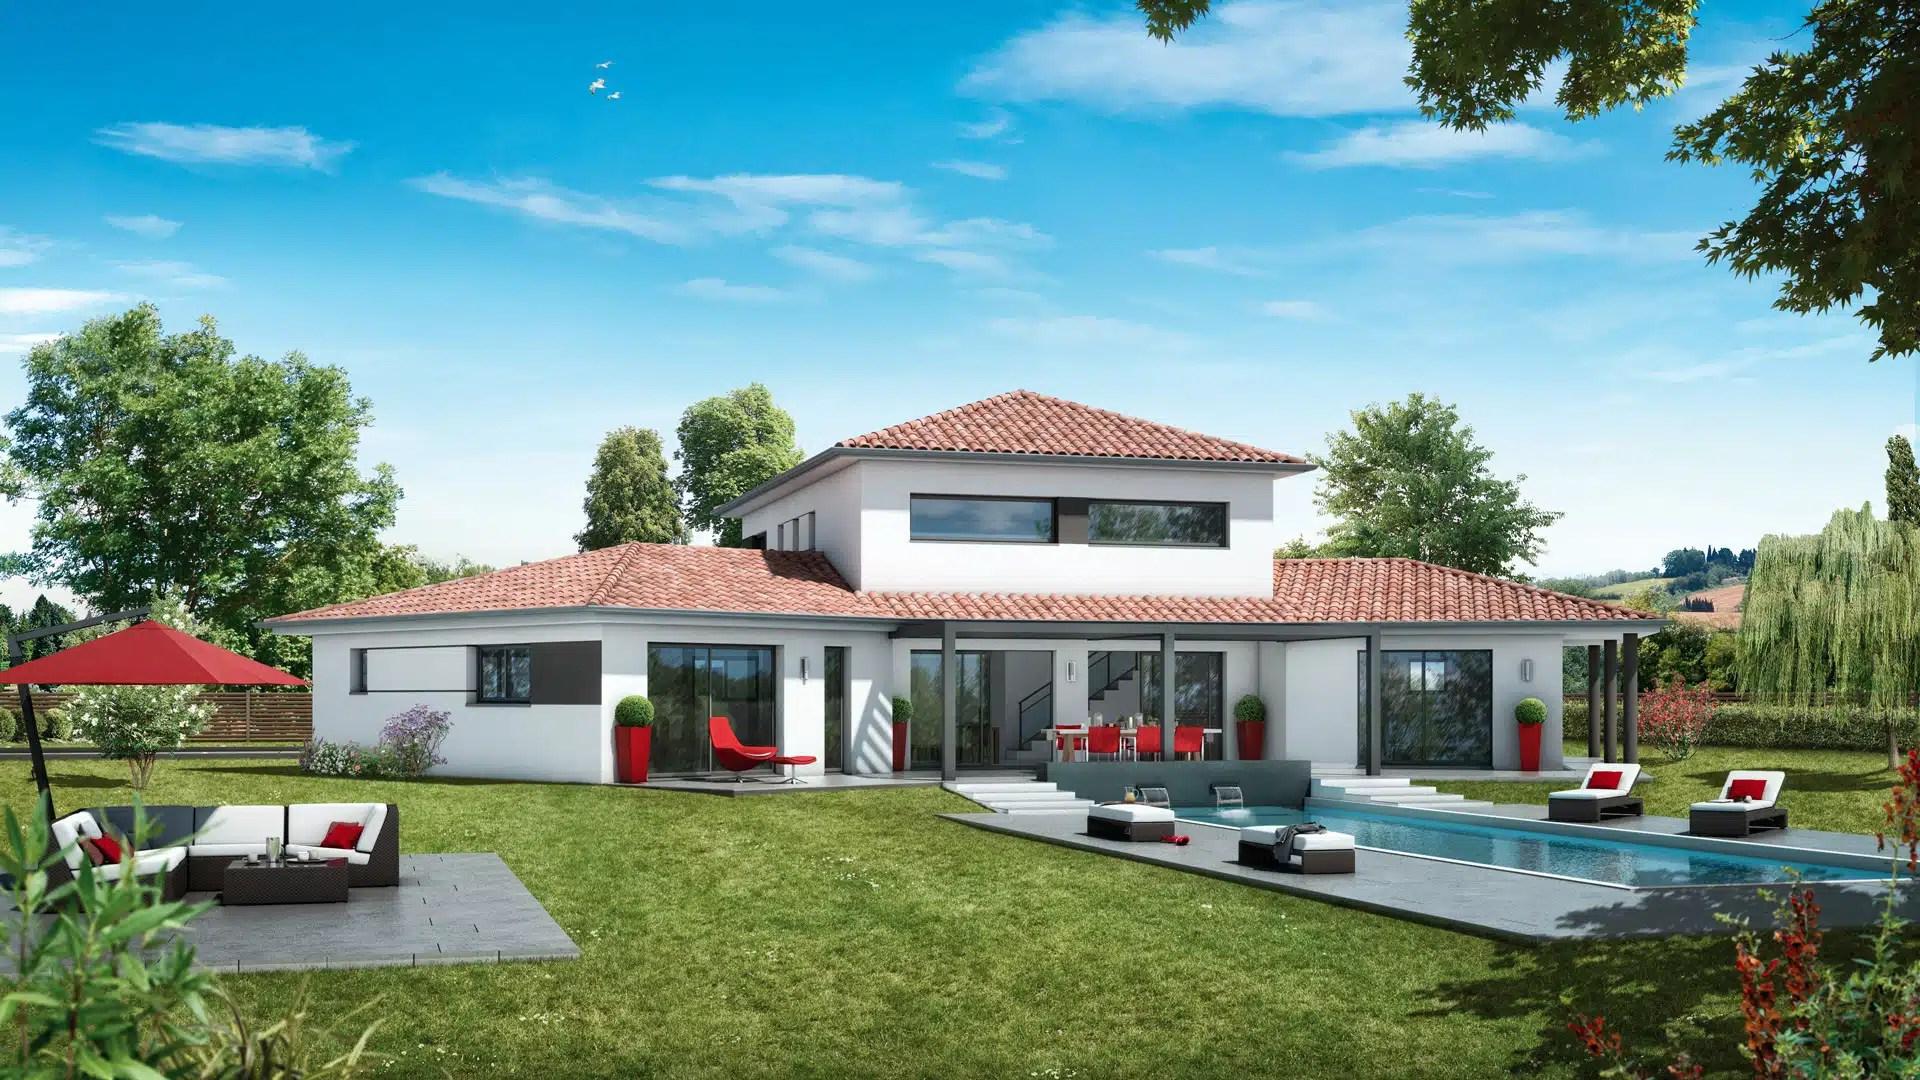 Plan maison contemporaine Ambre - plan maison 10D